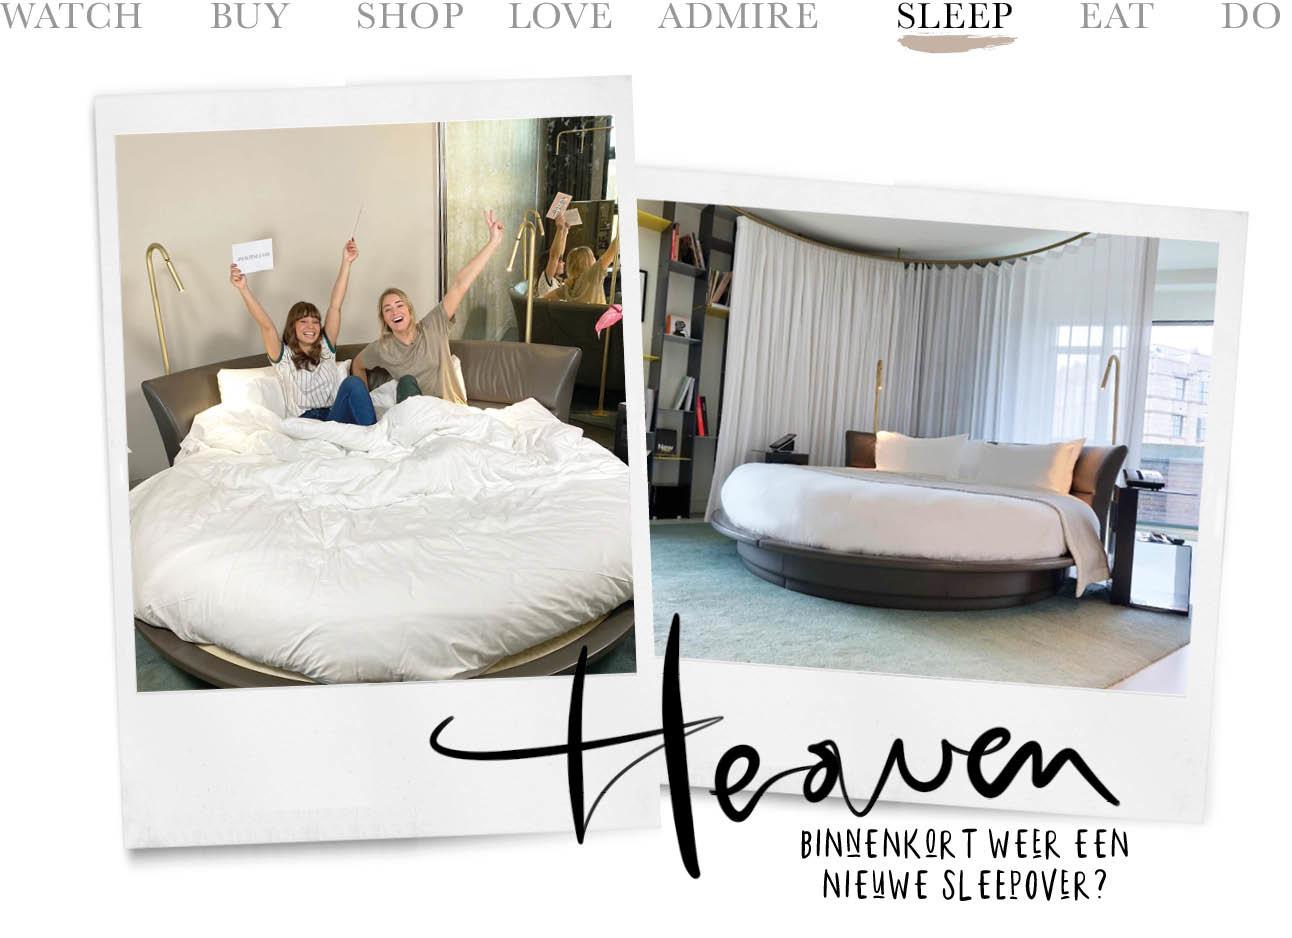 2 vrouwen in een slaapkamer met een rond bed